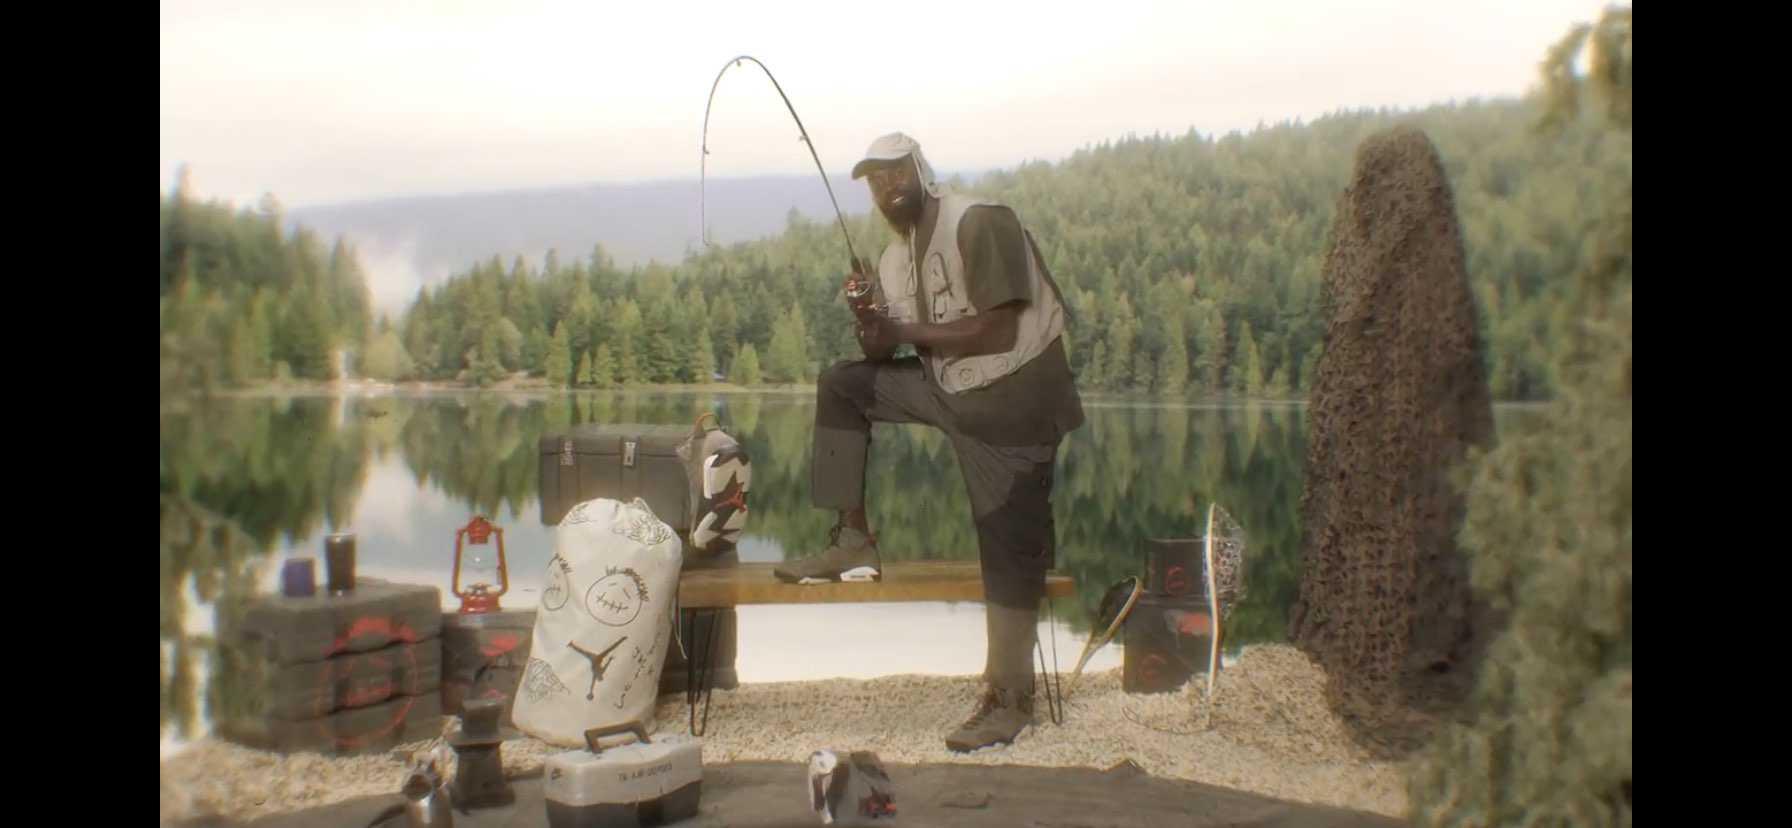 これ琵琶湖で釣れますかねぇ?